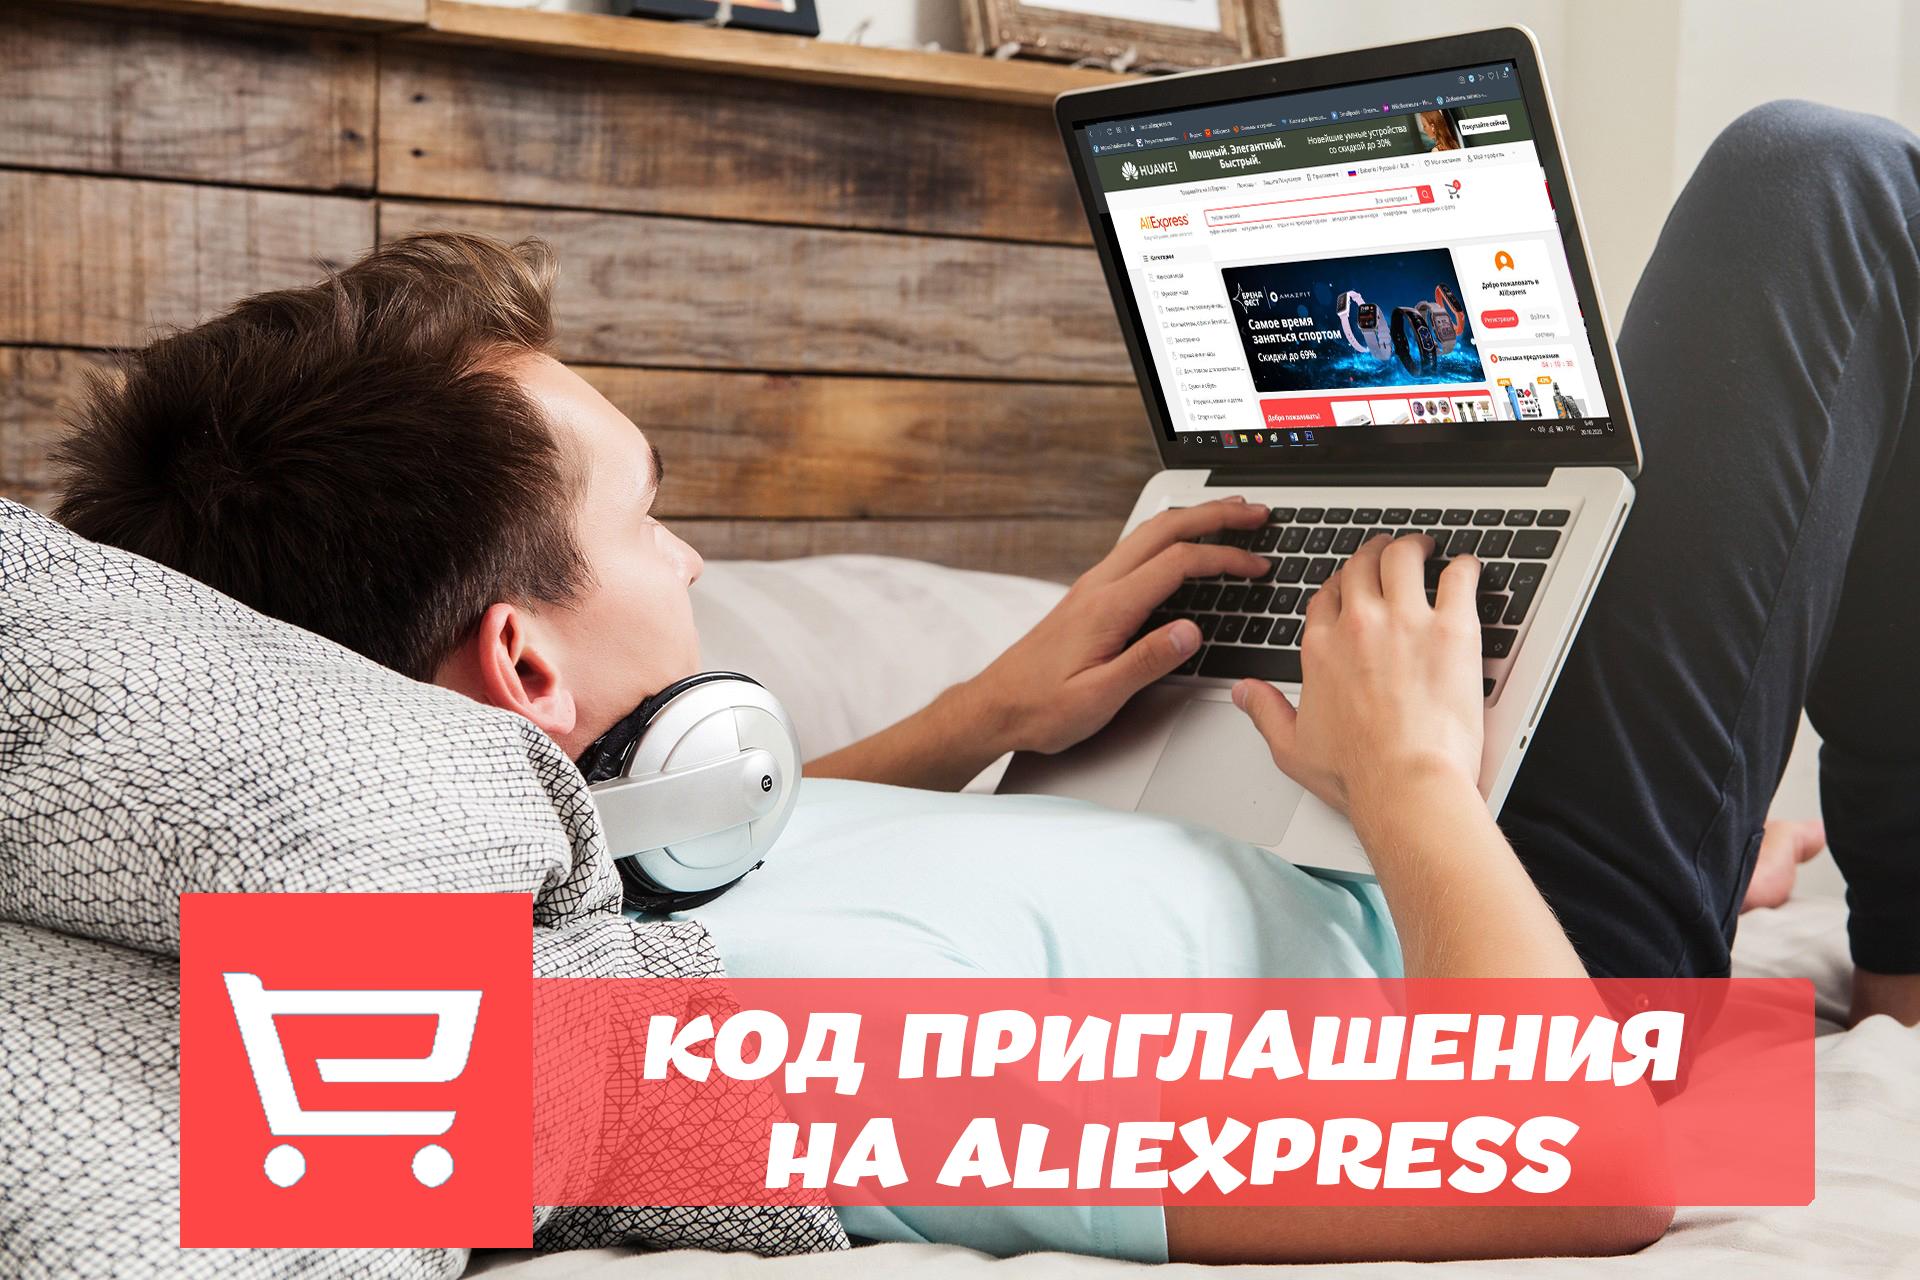 Код приглашения на Алиэкспресс